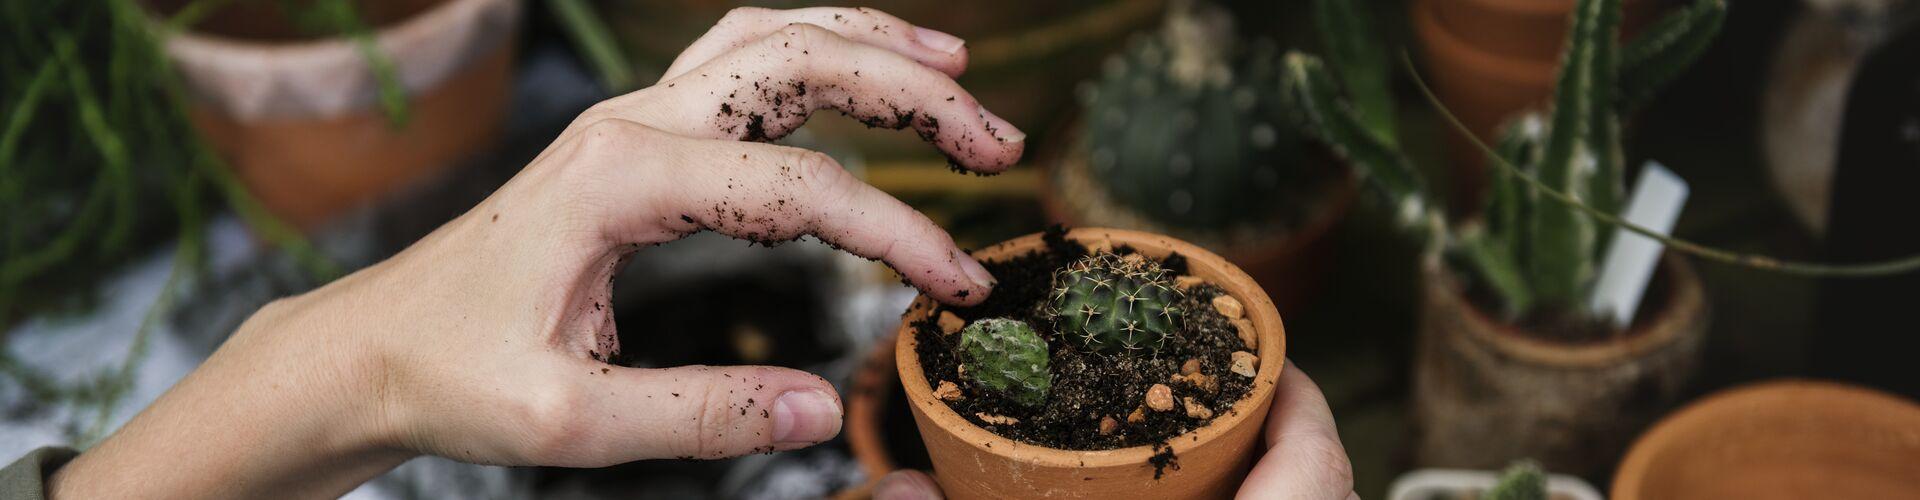 Dieses Bild zeigt die Arbeit in einer Gärtnerei, zu sehen ist die Hand eine_r Arbeitnehmer_in in Großaufnahme, die eine Pflanze eintopft